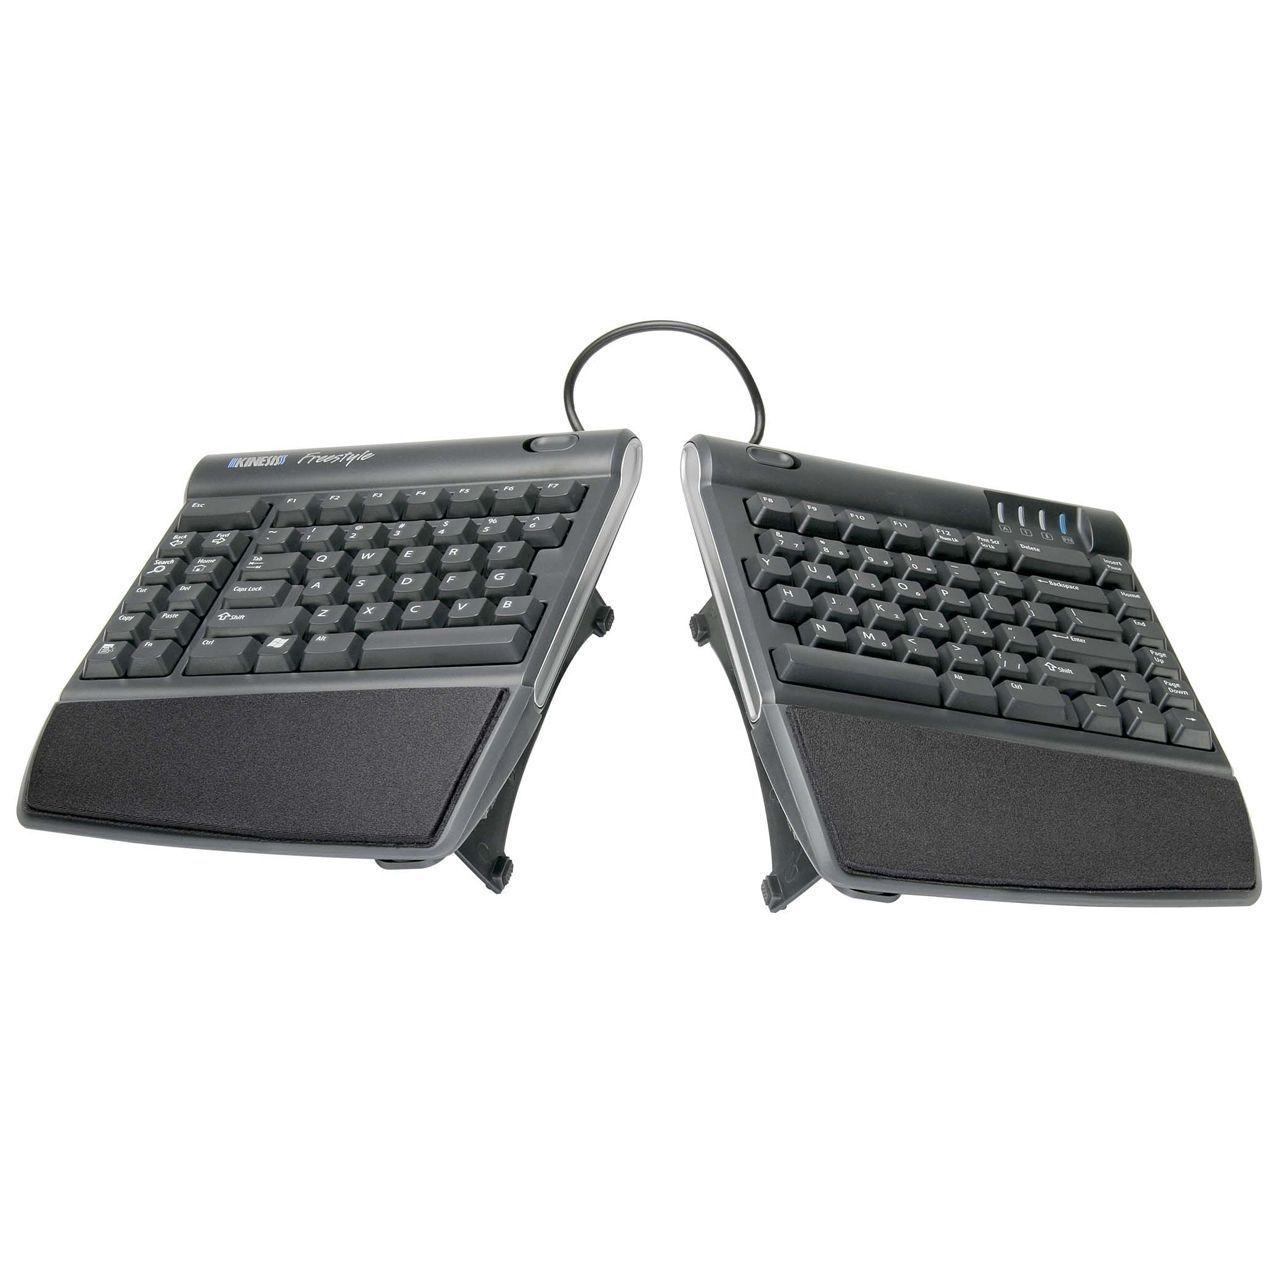 Freestyle-keyboard-2-vip-toetsenbord-erkafree04_0000_schuin_boven